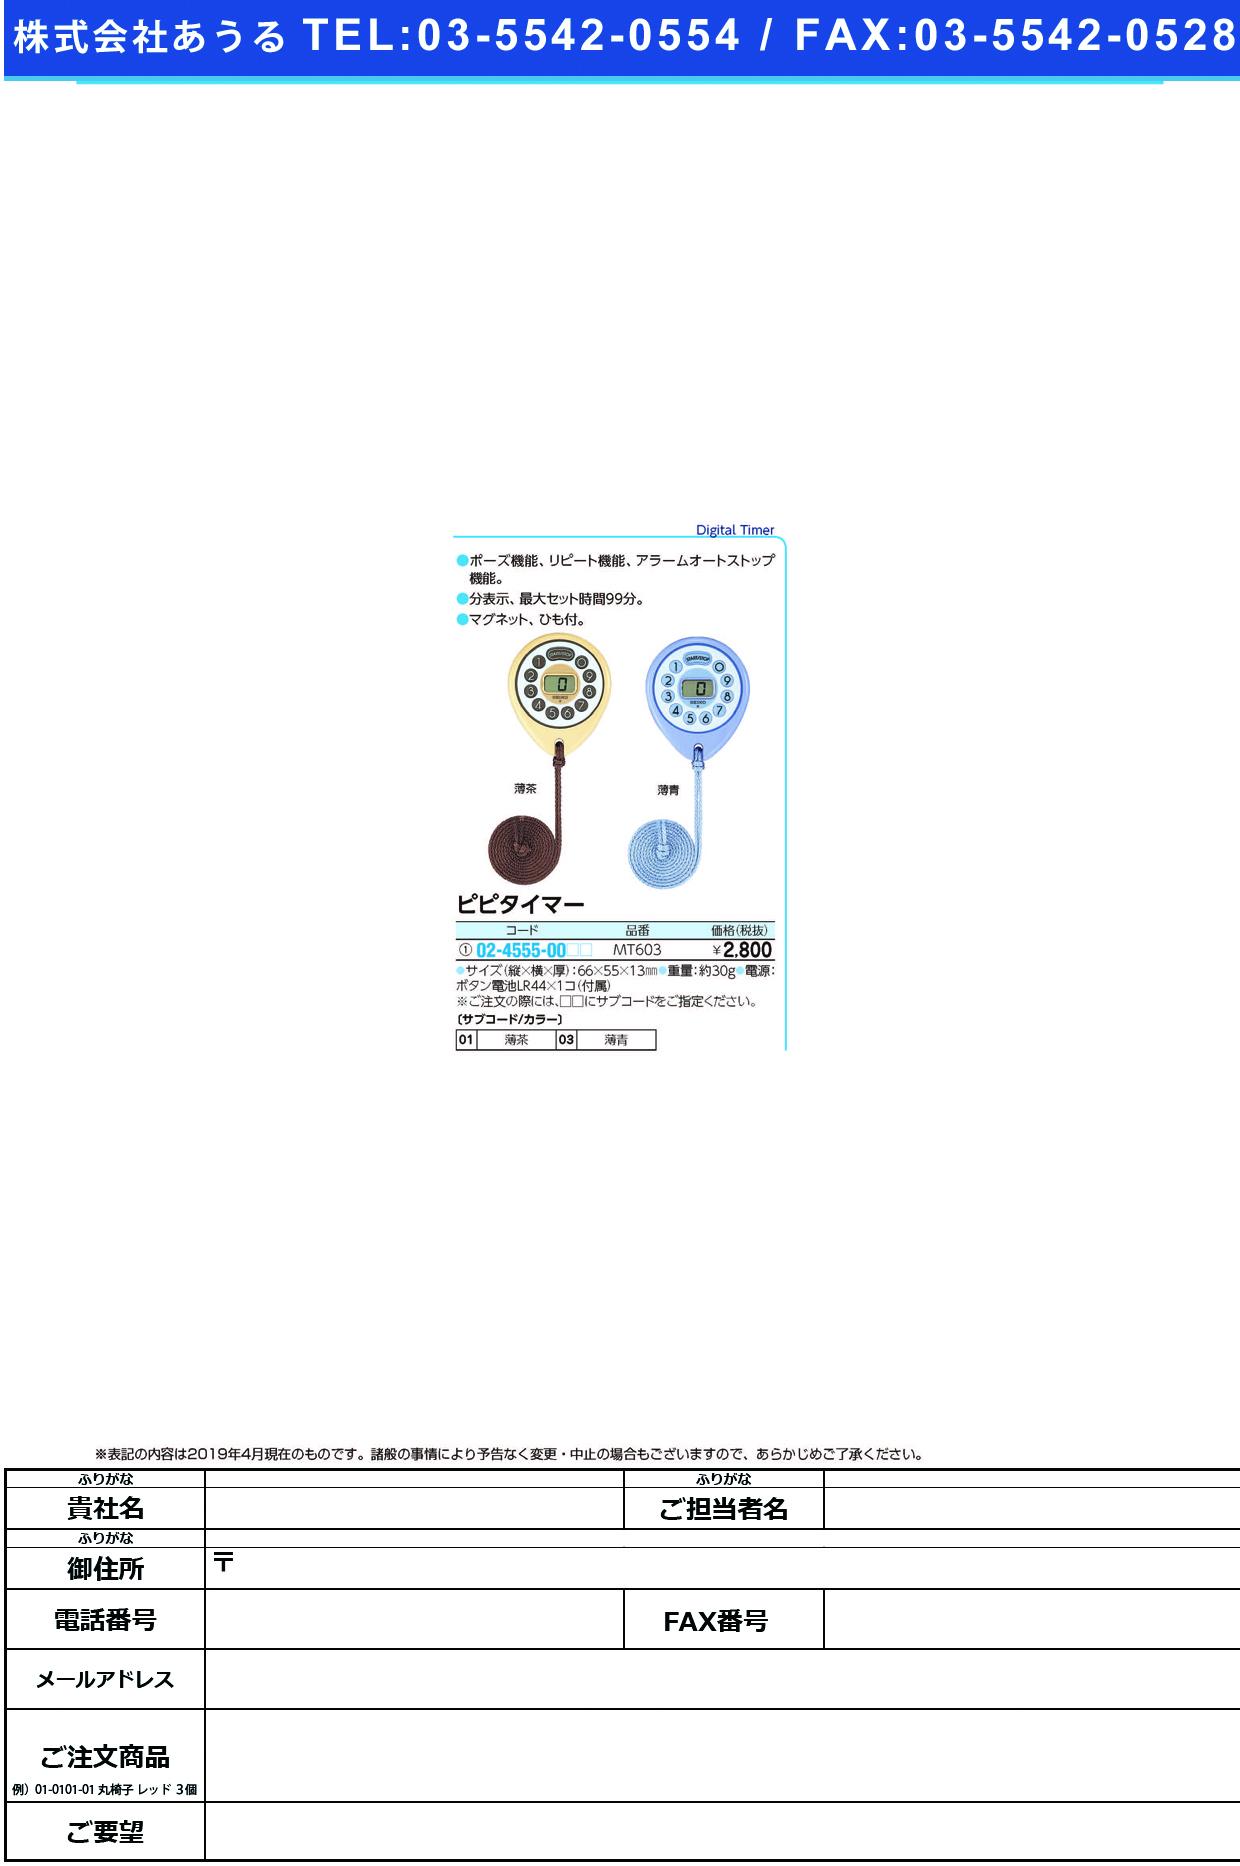 (02-4555-00)ピピタイマー MT603 ピピタイマー B:薄茶【1個単位】【2019年カタログ商品】